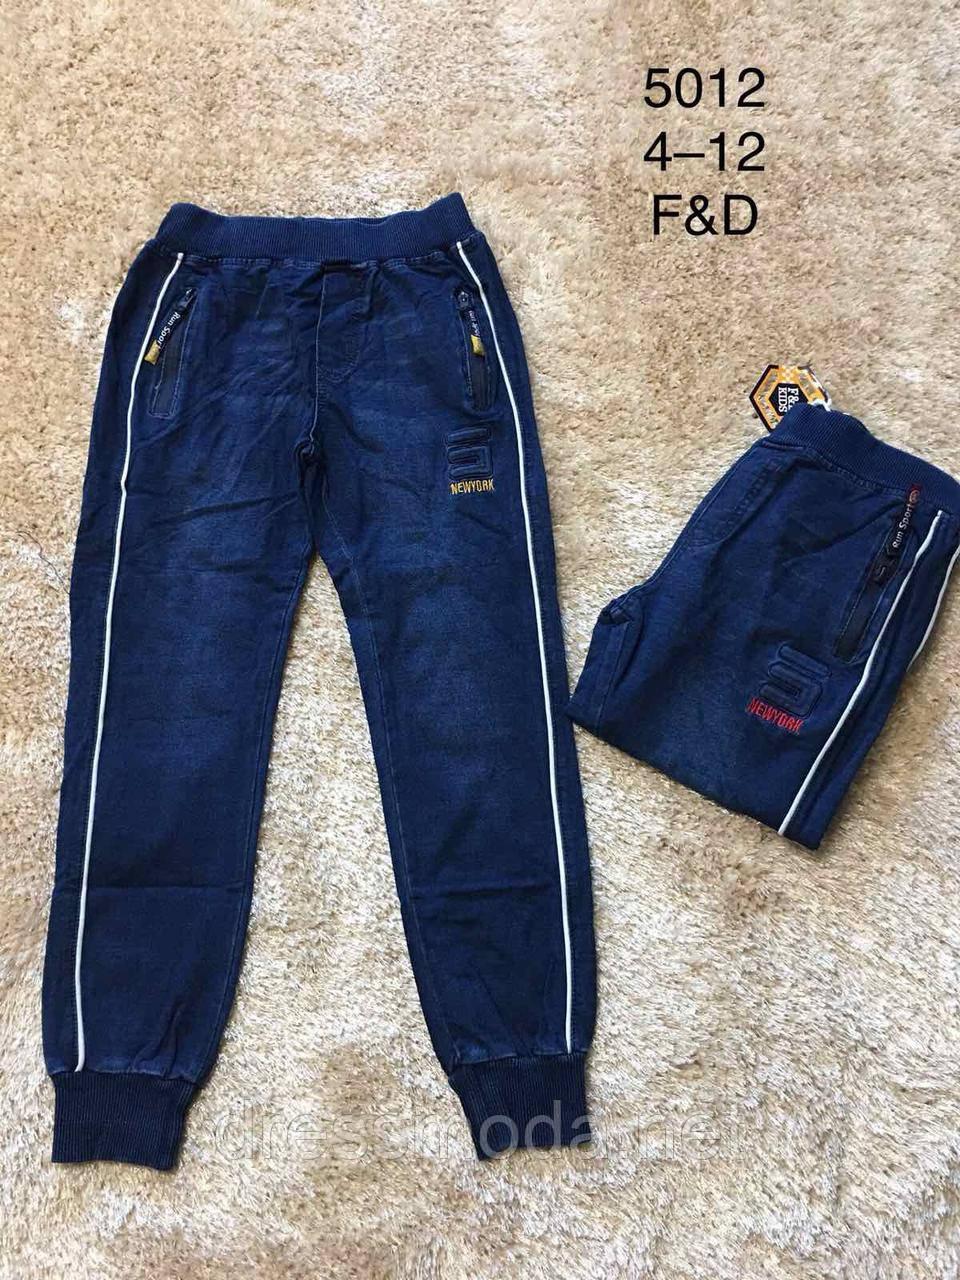 Брюки под джинс для мальчиков F&D 4-12лет